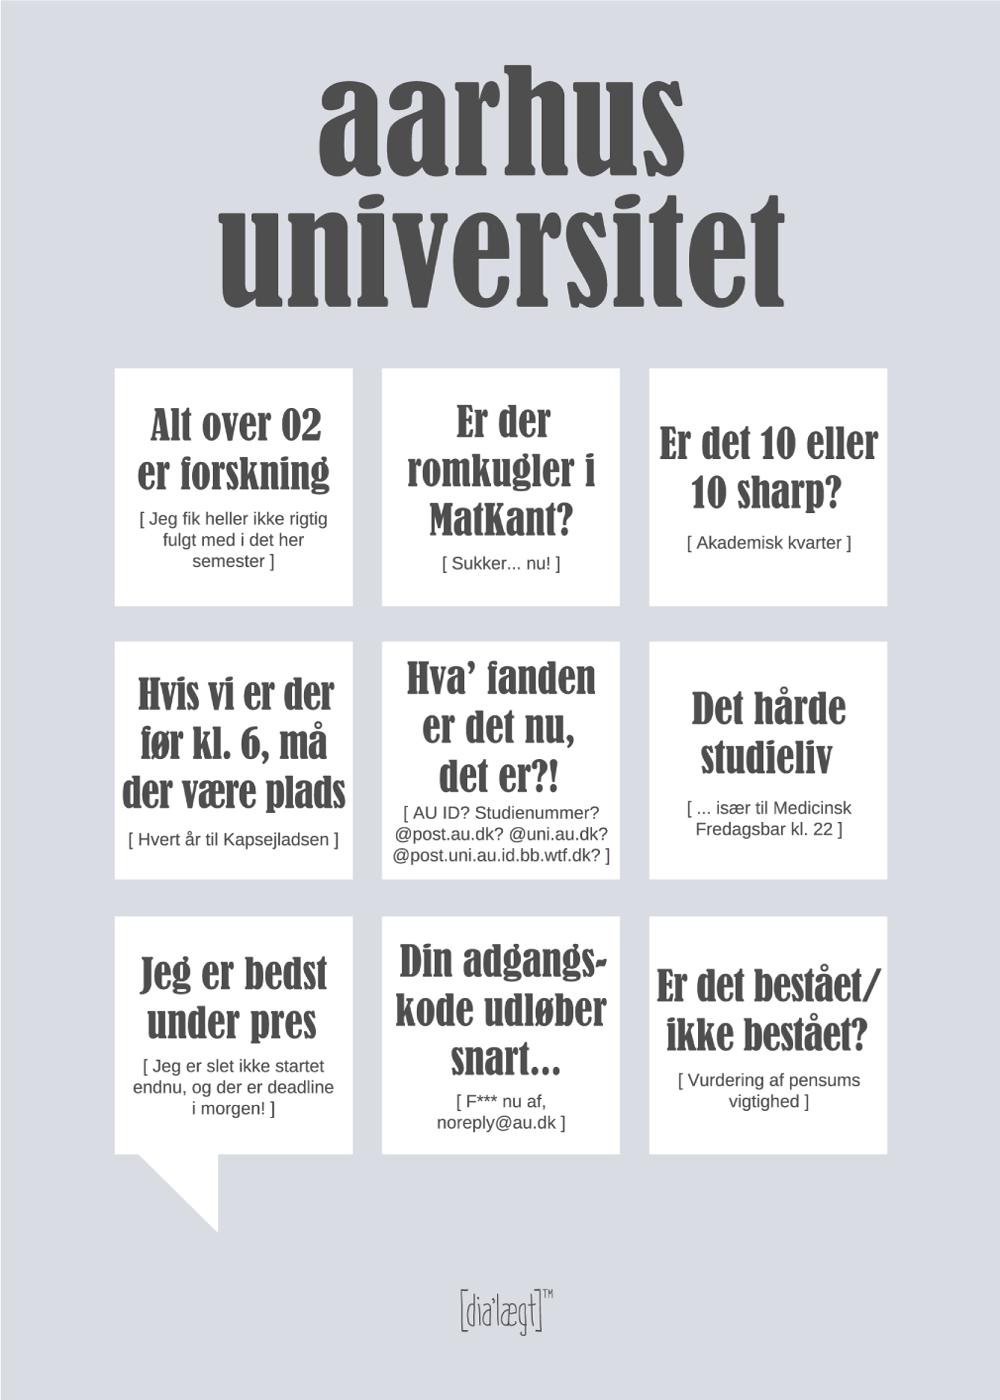 Billede af Aarhus Universitet plakat